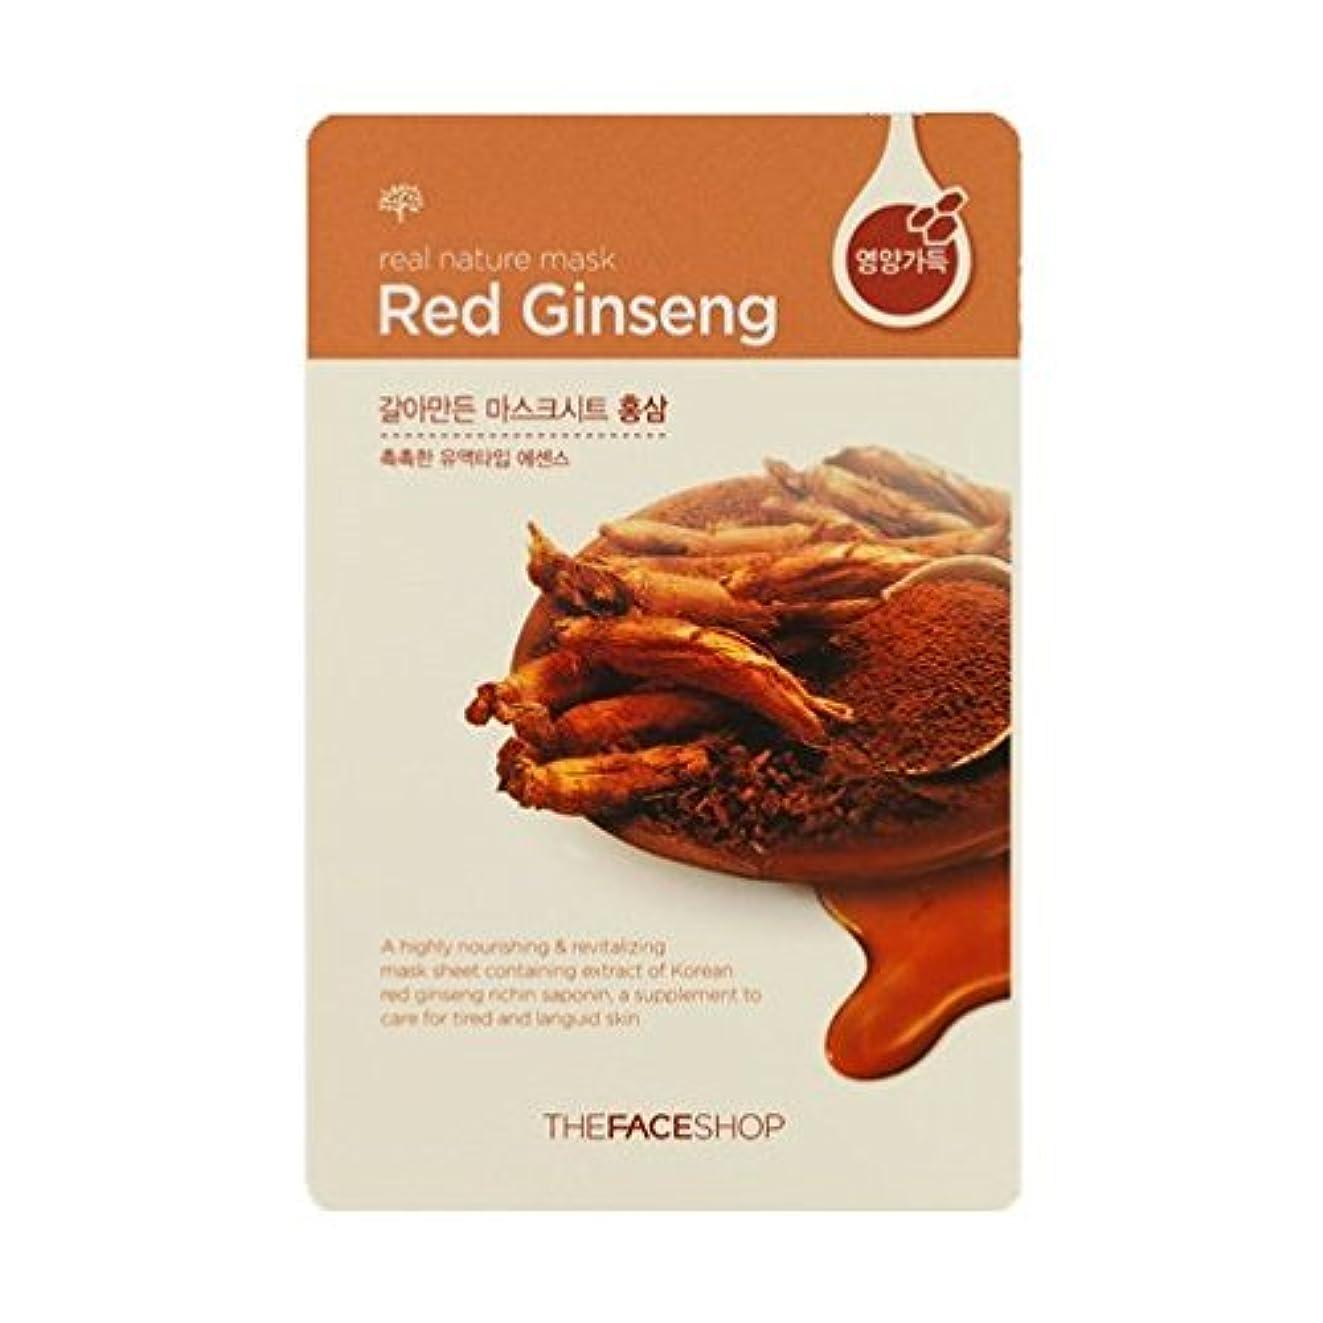 運命的なヒール収容する[ザフェイスショップ] THE FACE SHOP [リアルナチュラル マスクシート] (Real Nature Mask Sheet) (Mask Sheet Red ginseng 20枚) [並行輸入品]